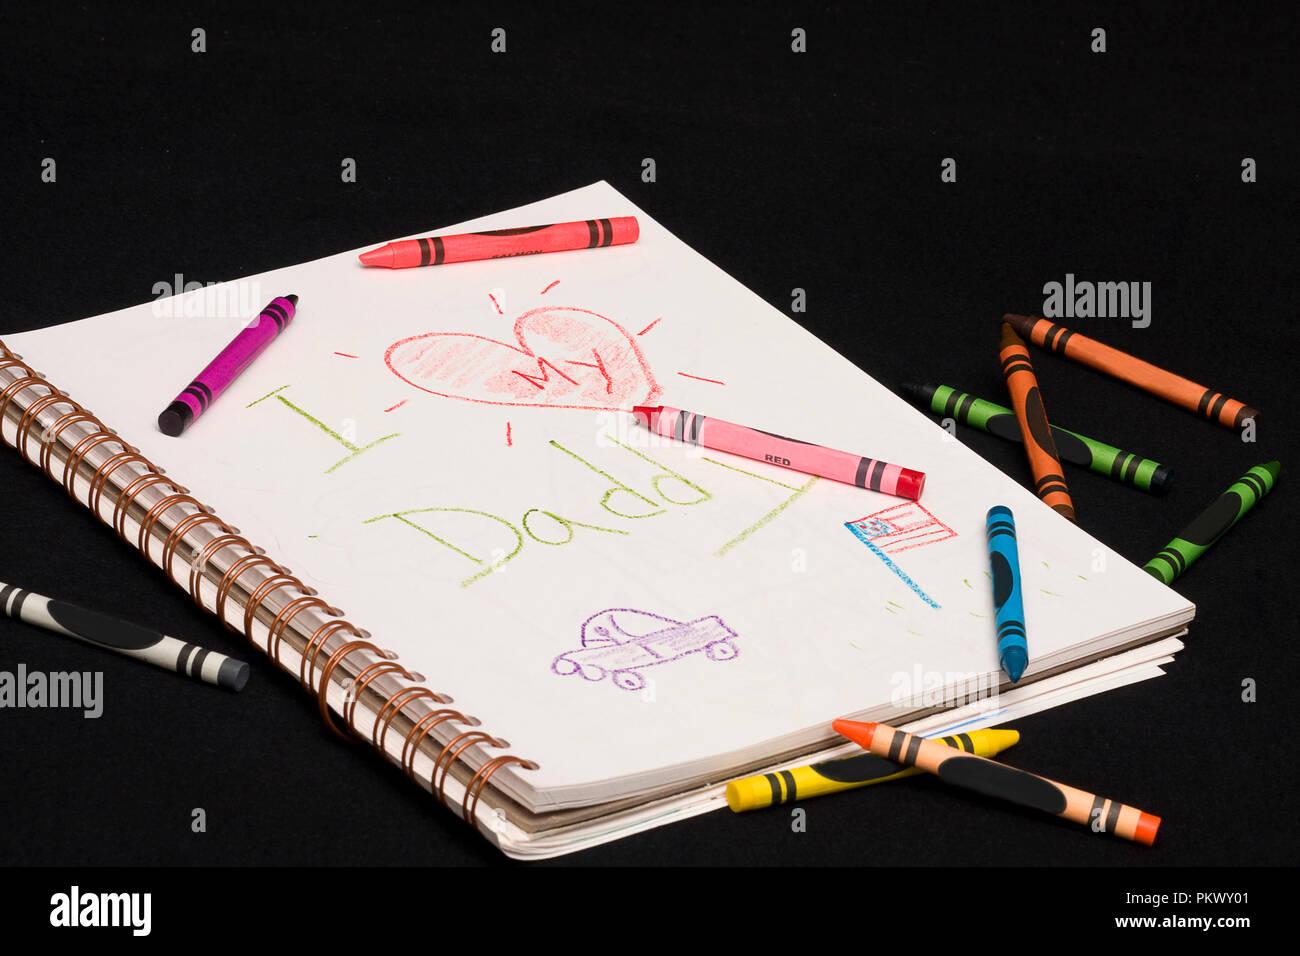 Bilder der Kinder Sketch Pad und Zeichnungen. Buntstifte auf ...